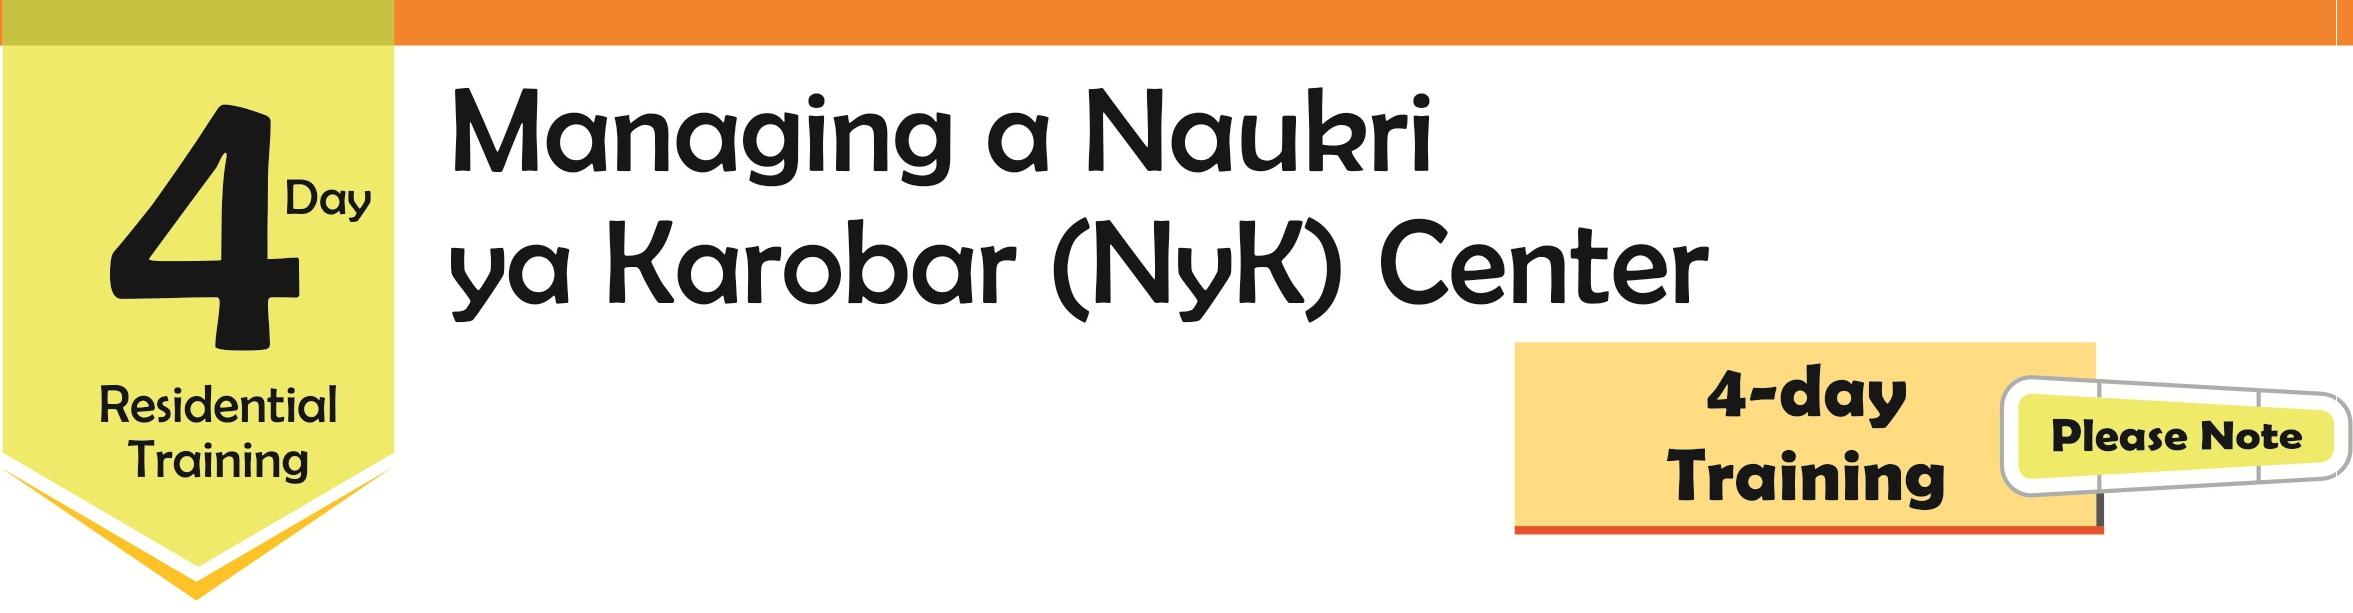 Naukri Ya Karobar (NYK) Center